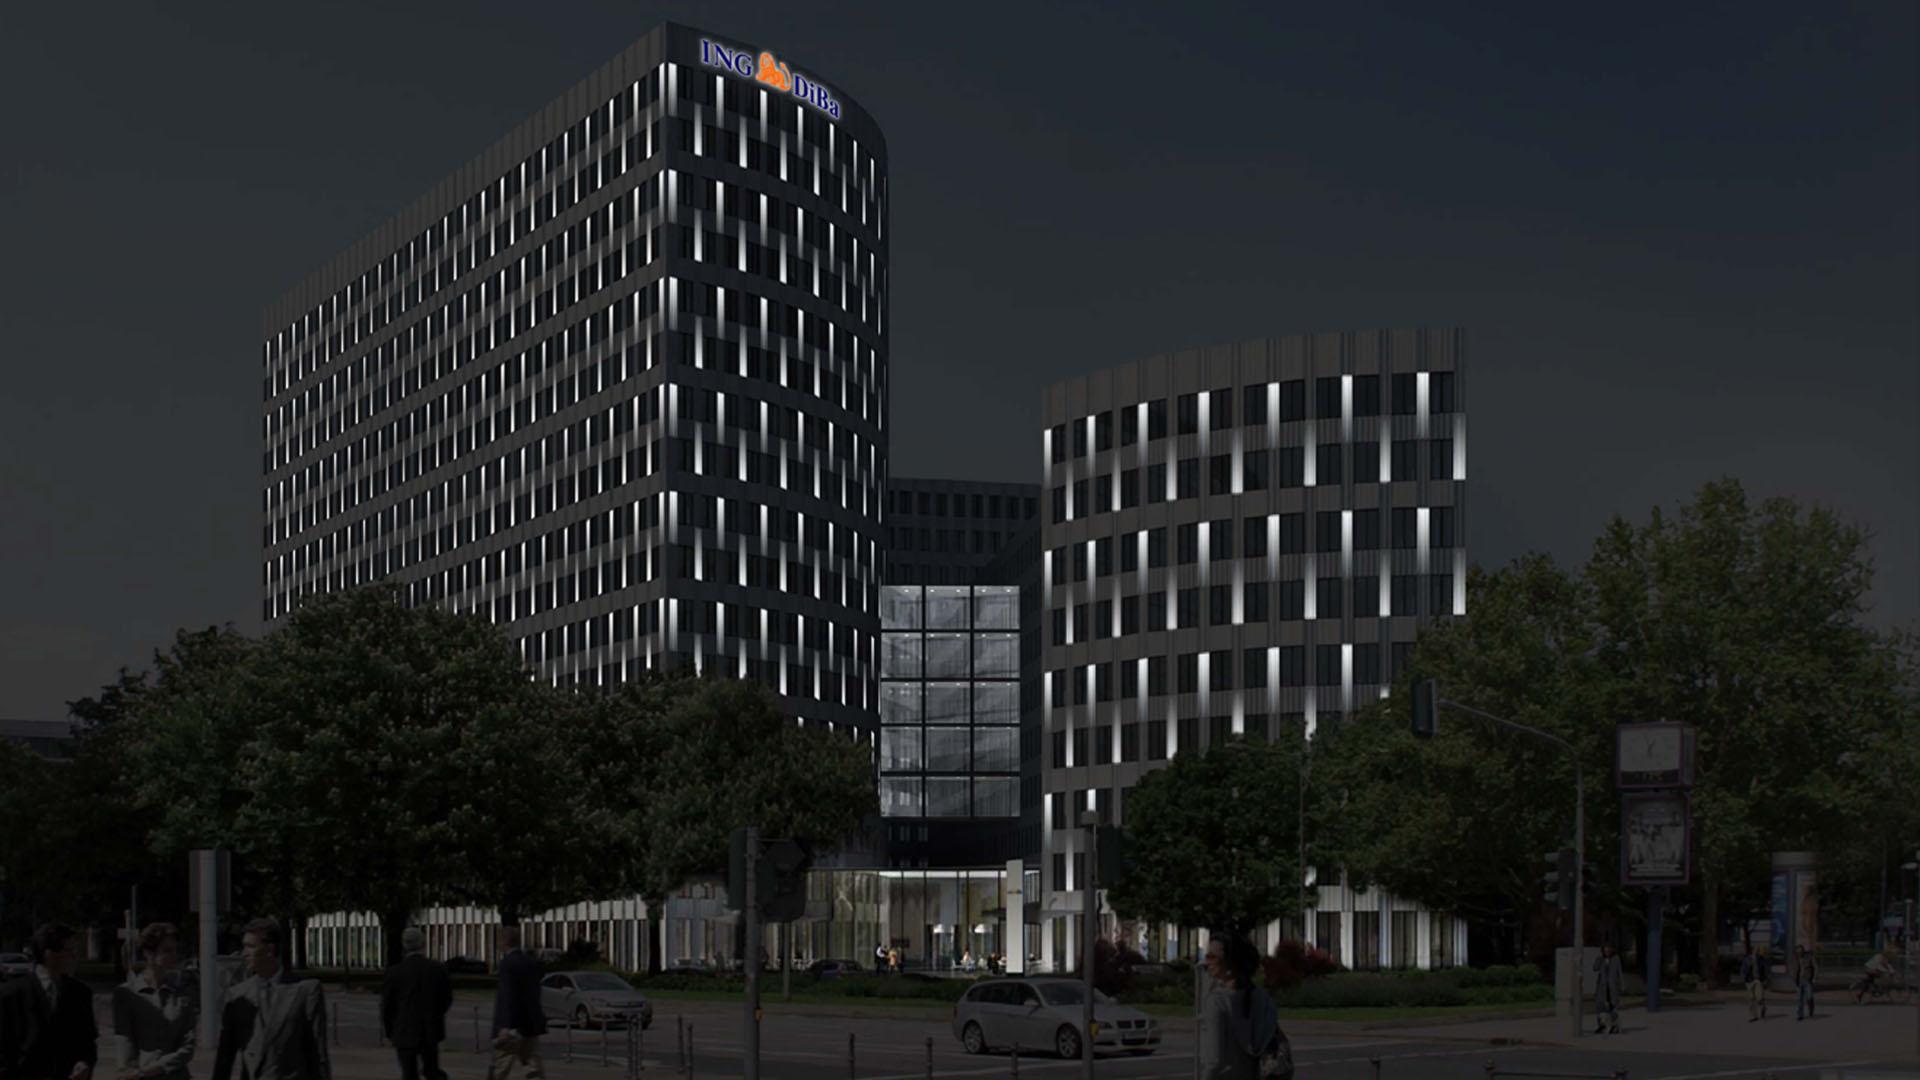 MAASS-Lichtplanung_Konzept Fassadenbeleuchtung ING-DiBa__MAASS-Poseidonhaus-001